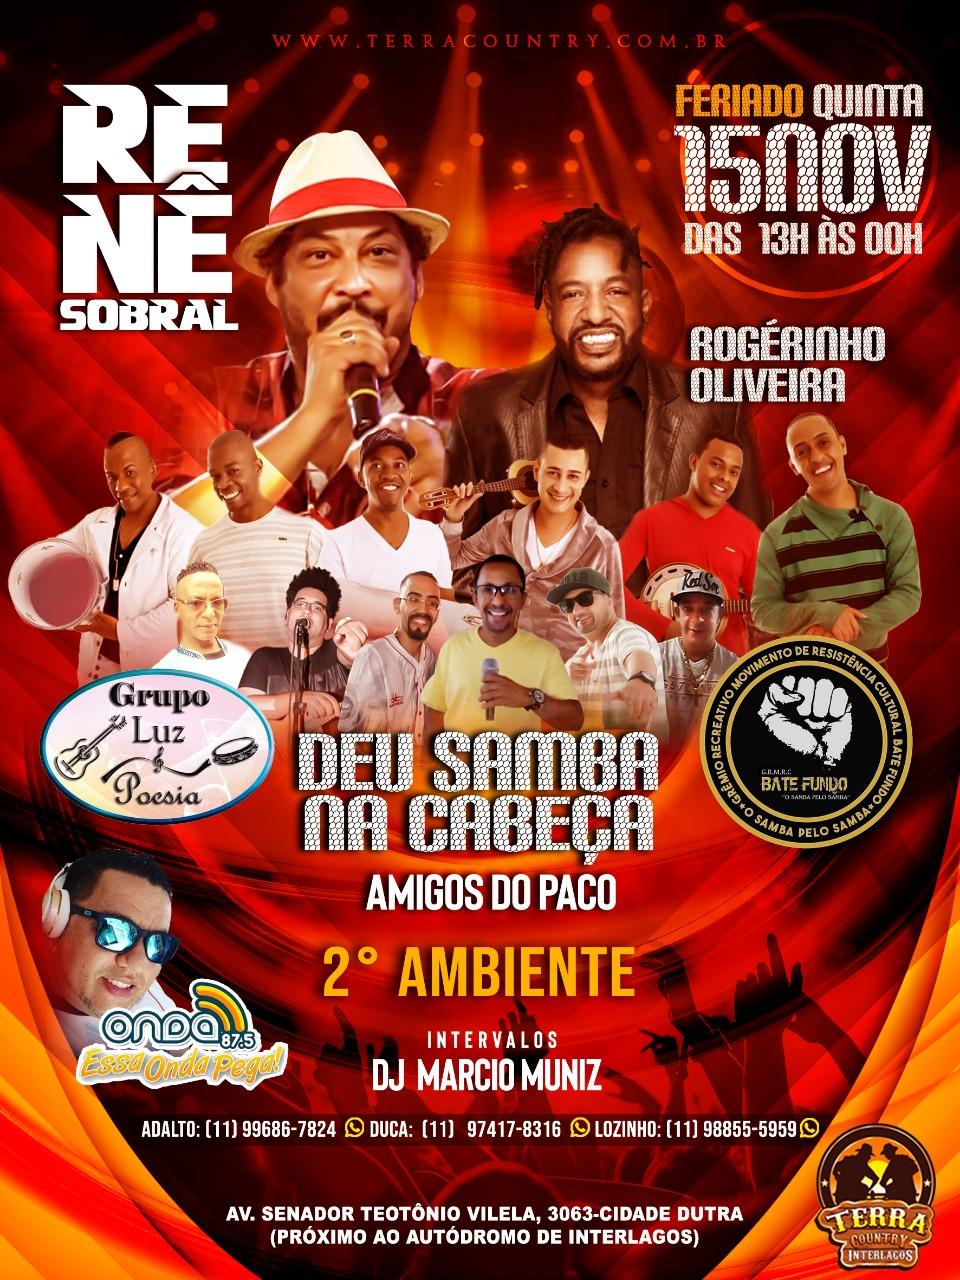 Feriado regado a muito samba com Renê Sobral e sambistas #nota